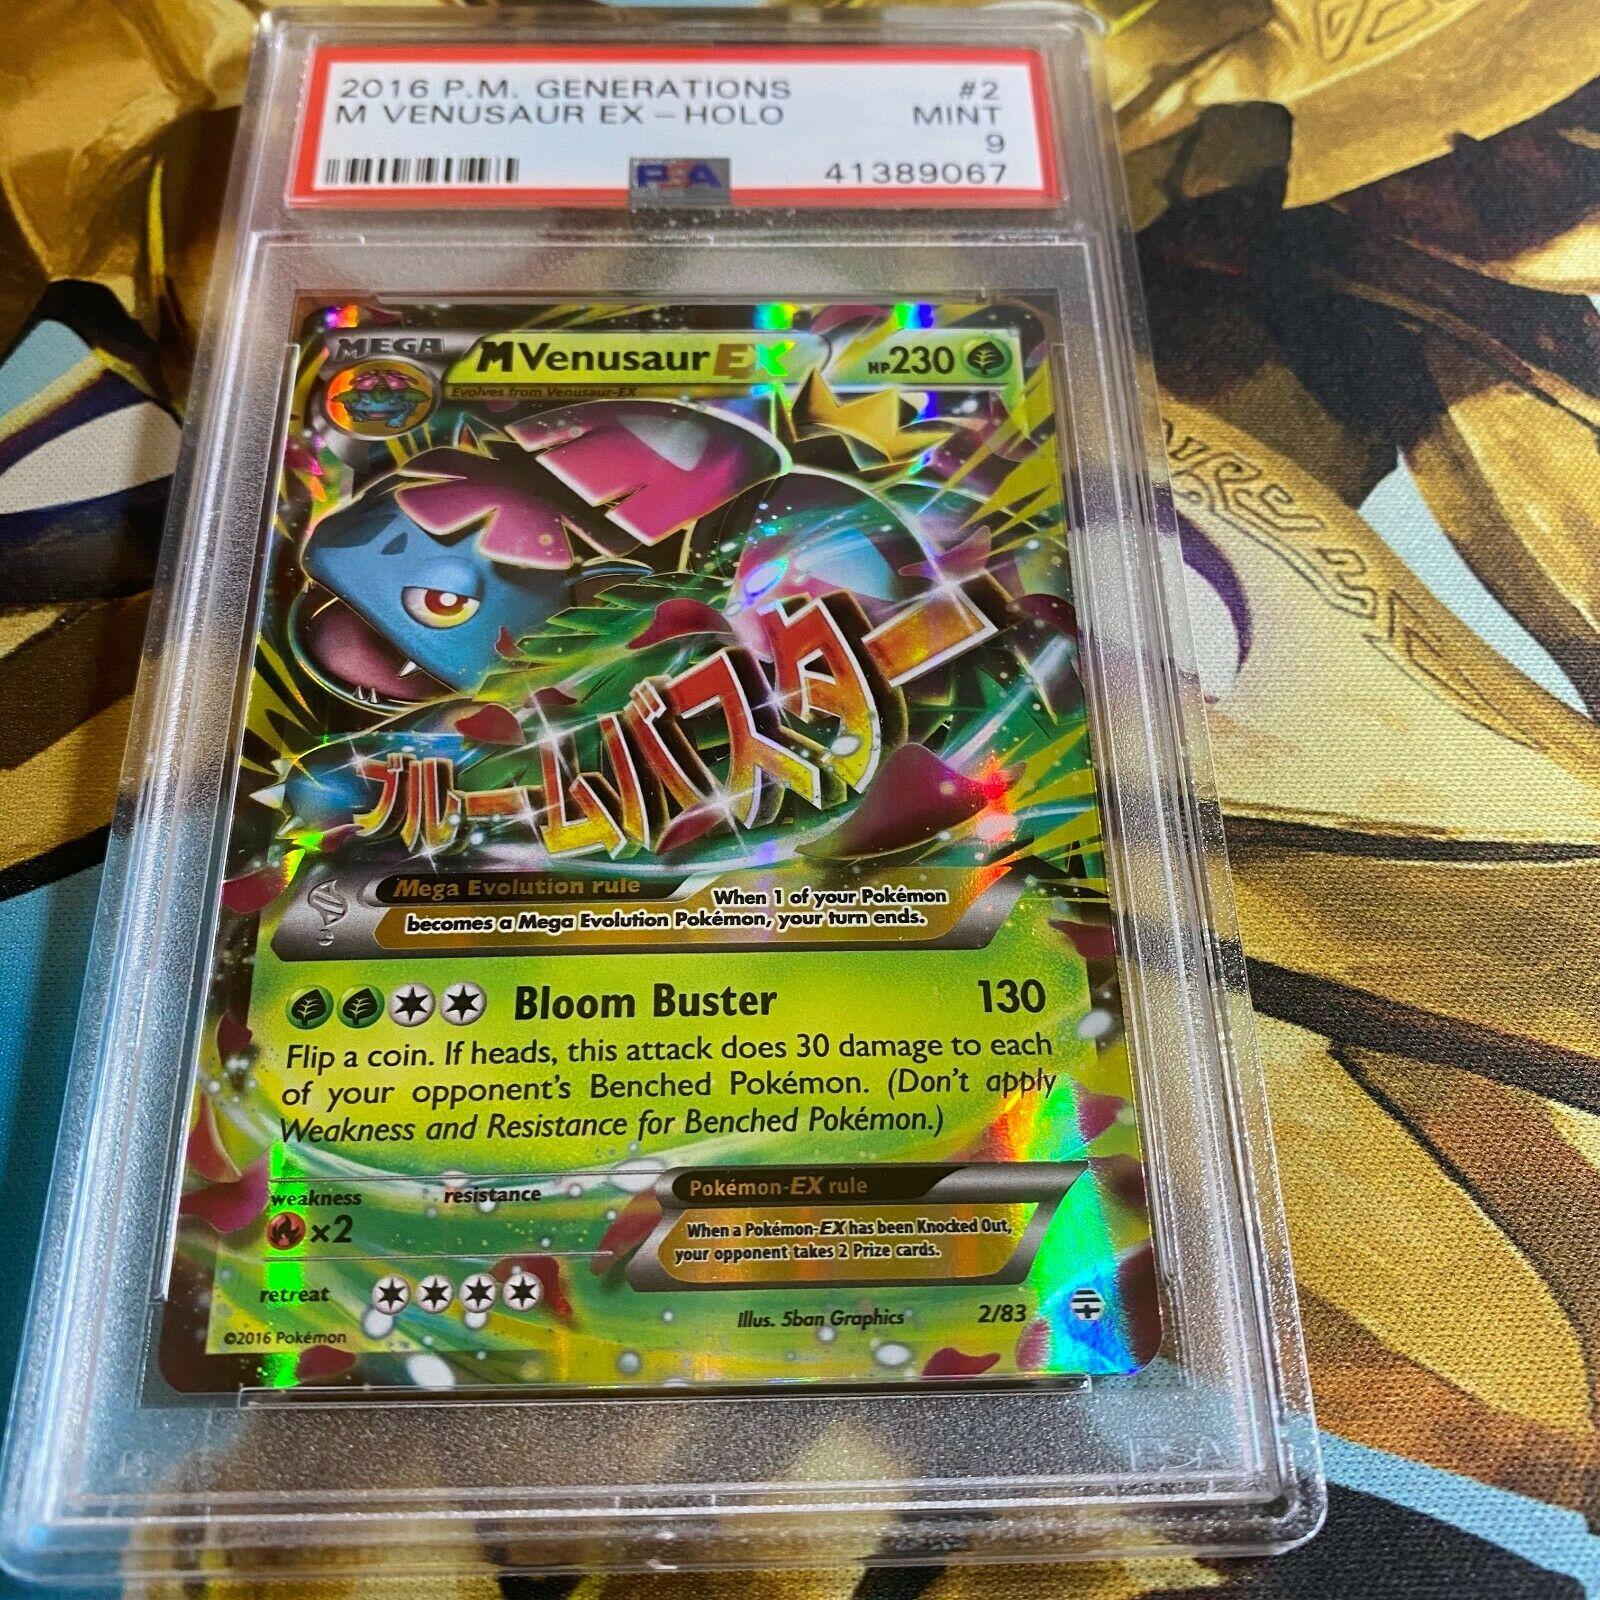 Details about  /Pokémon M Venusaur EX 2//83 Generation NM-Mint Condition